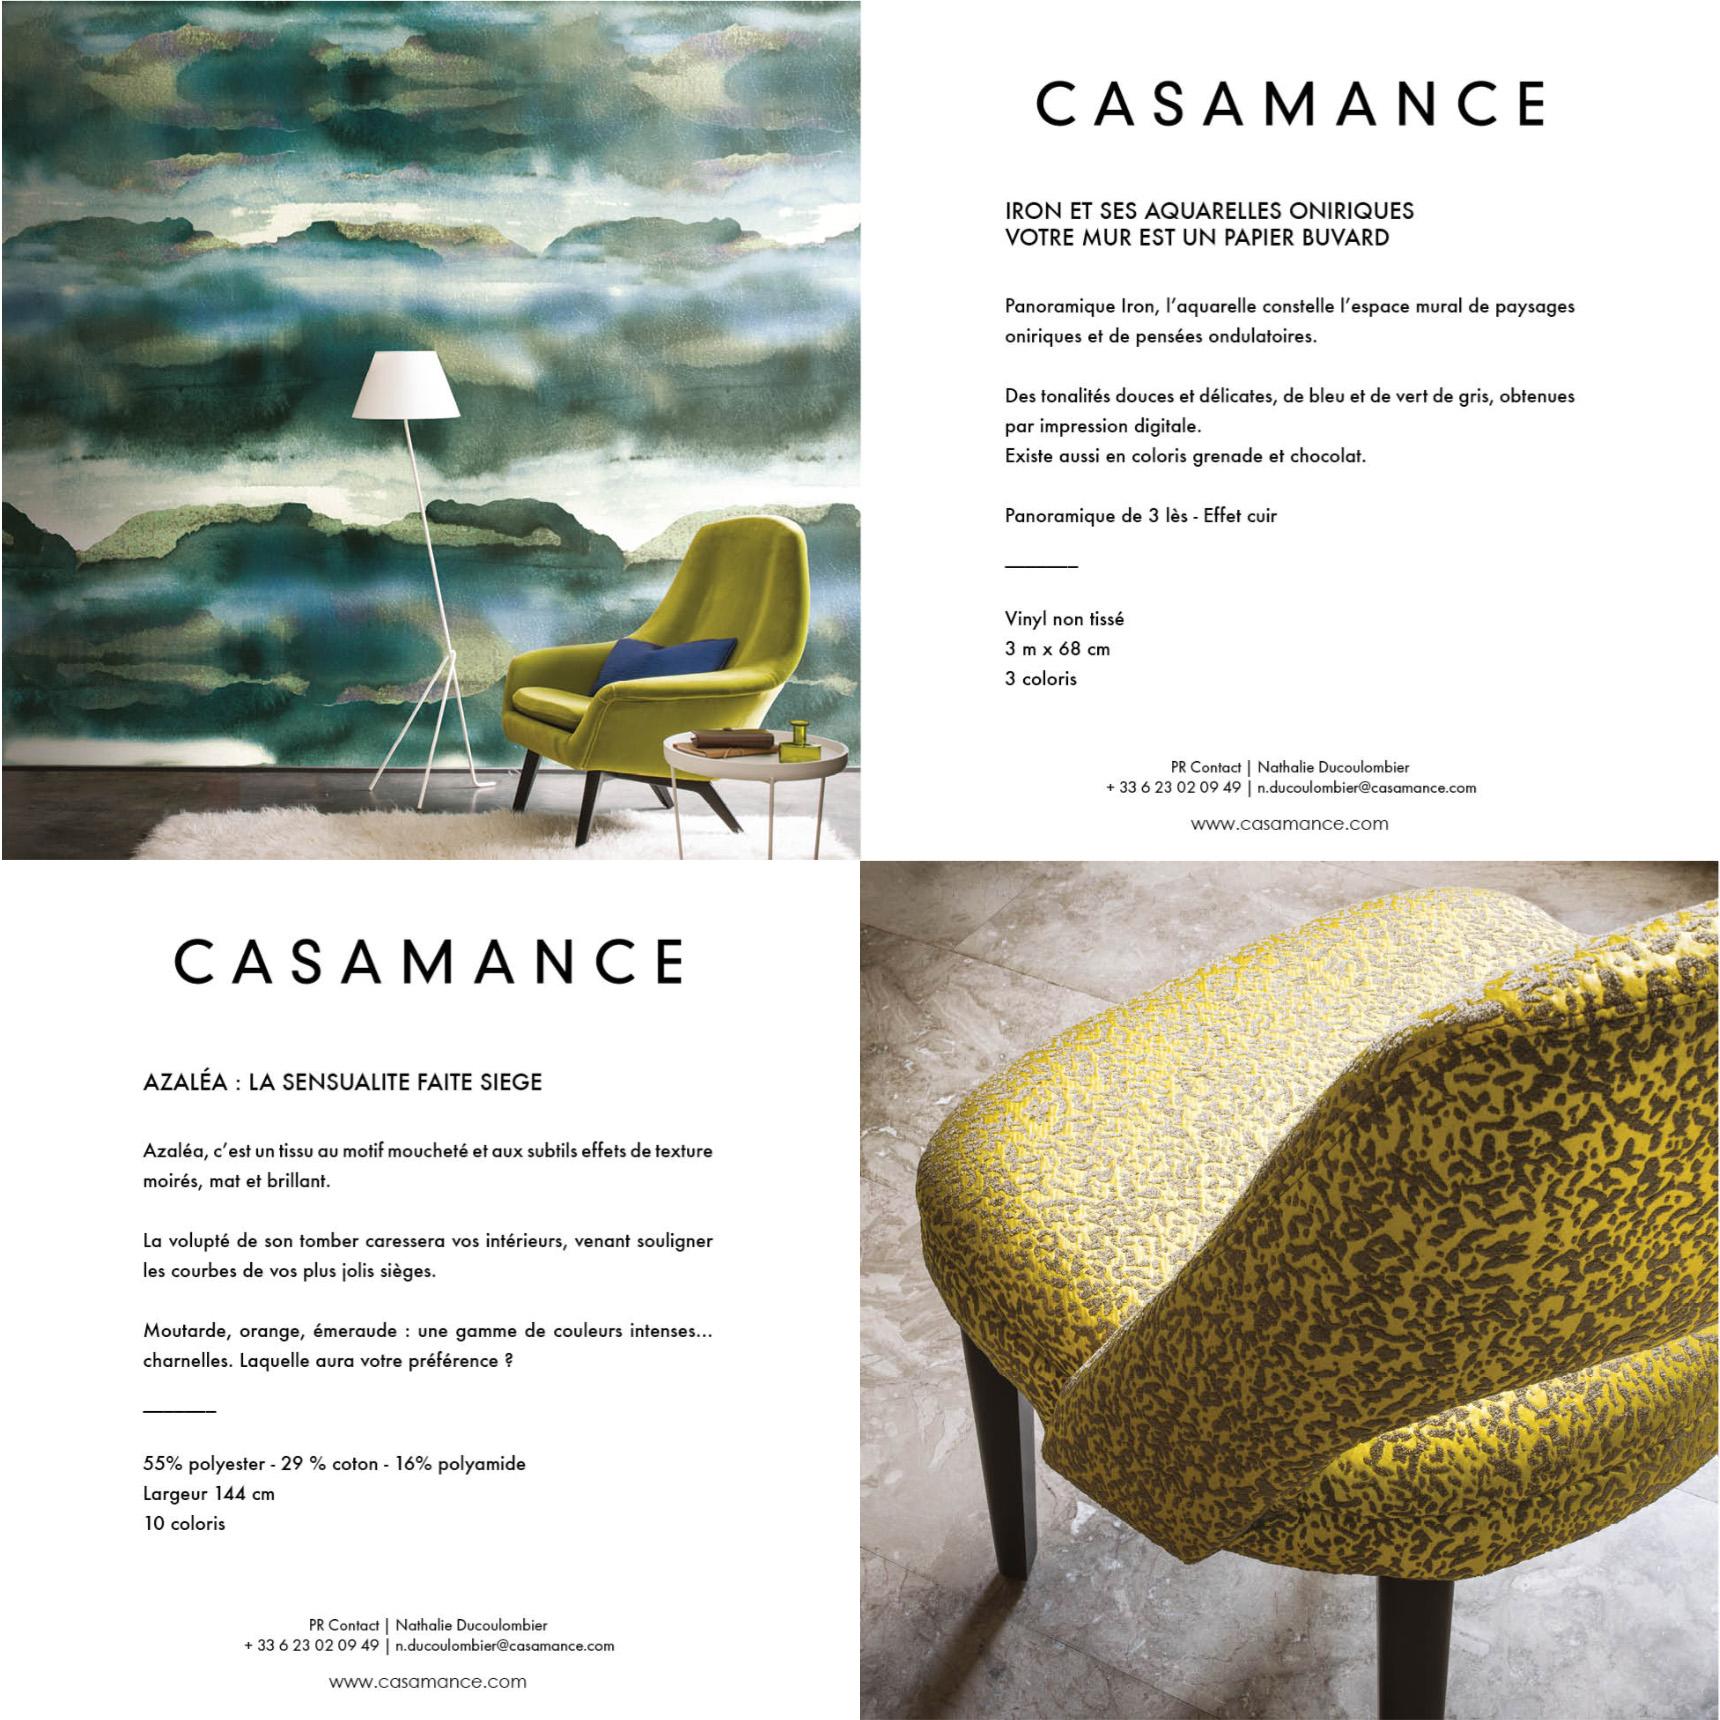 Envois Presse et Newsletters Casamance rédigés par Raphaëlle Rédactrice, concepteur rédacteur web à Paris